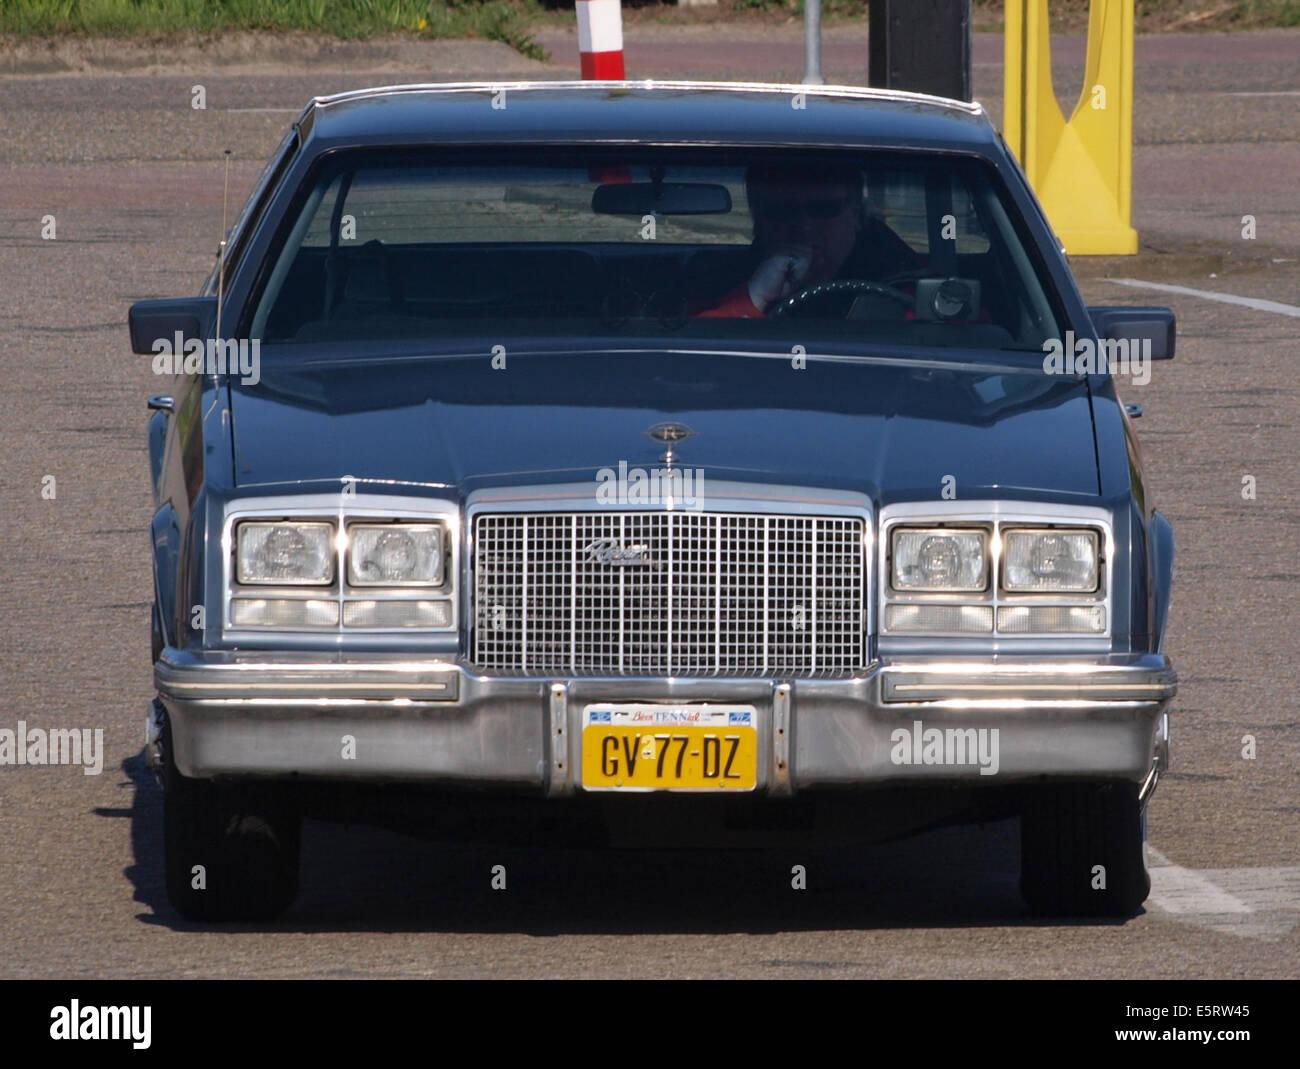 1981 Buick Riviera, Olandese di registrazione della licenza GV-77-DZ, pic2 Immagini Stock